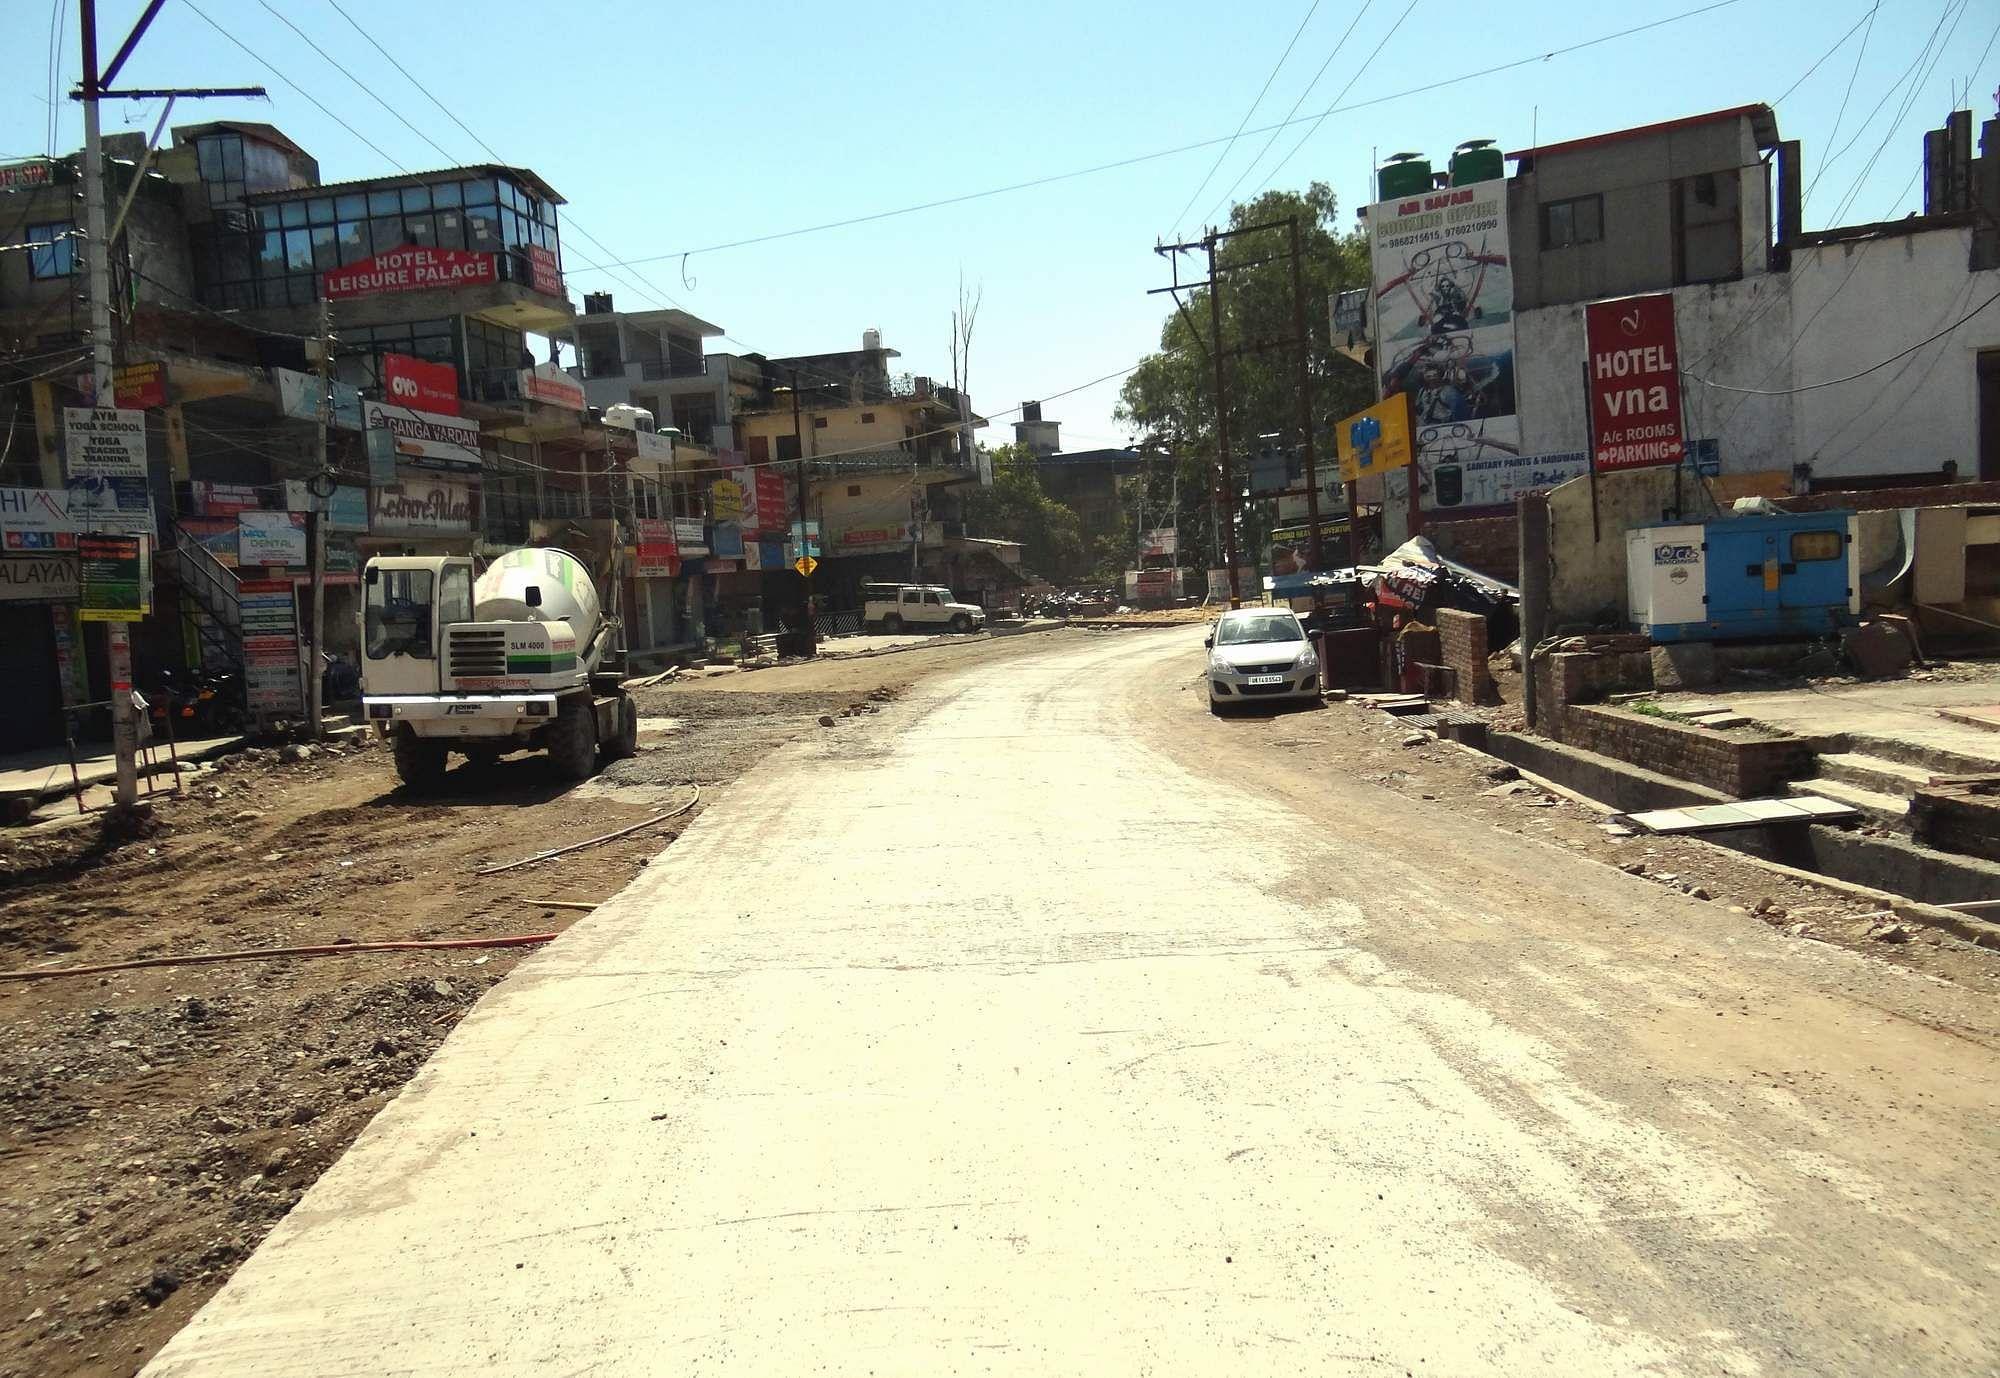 सुनसान पड़ा बद्रीनाथ राष्ट्रीय राजमार्ग।